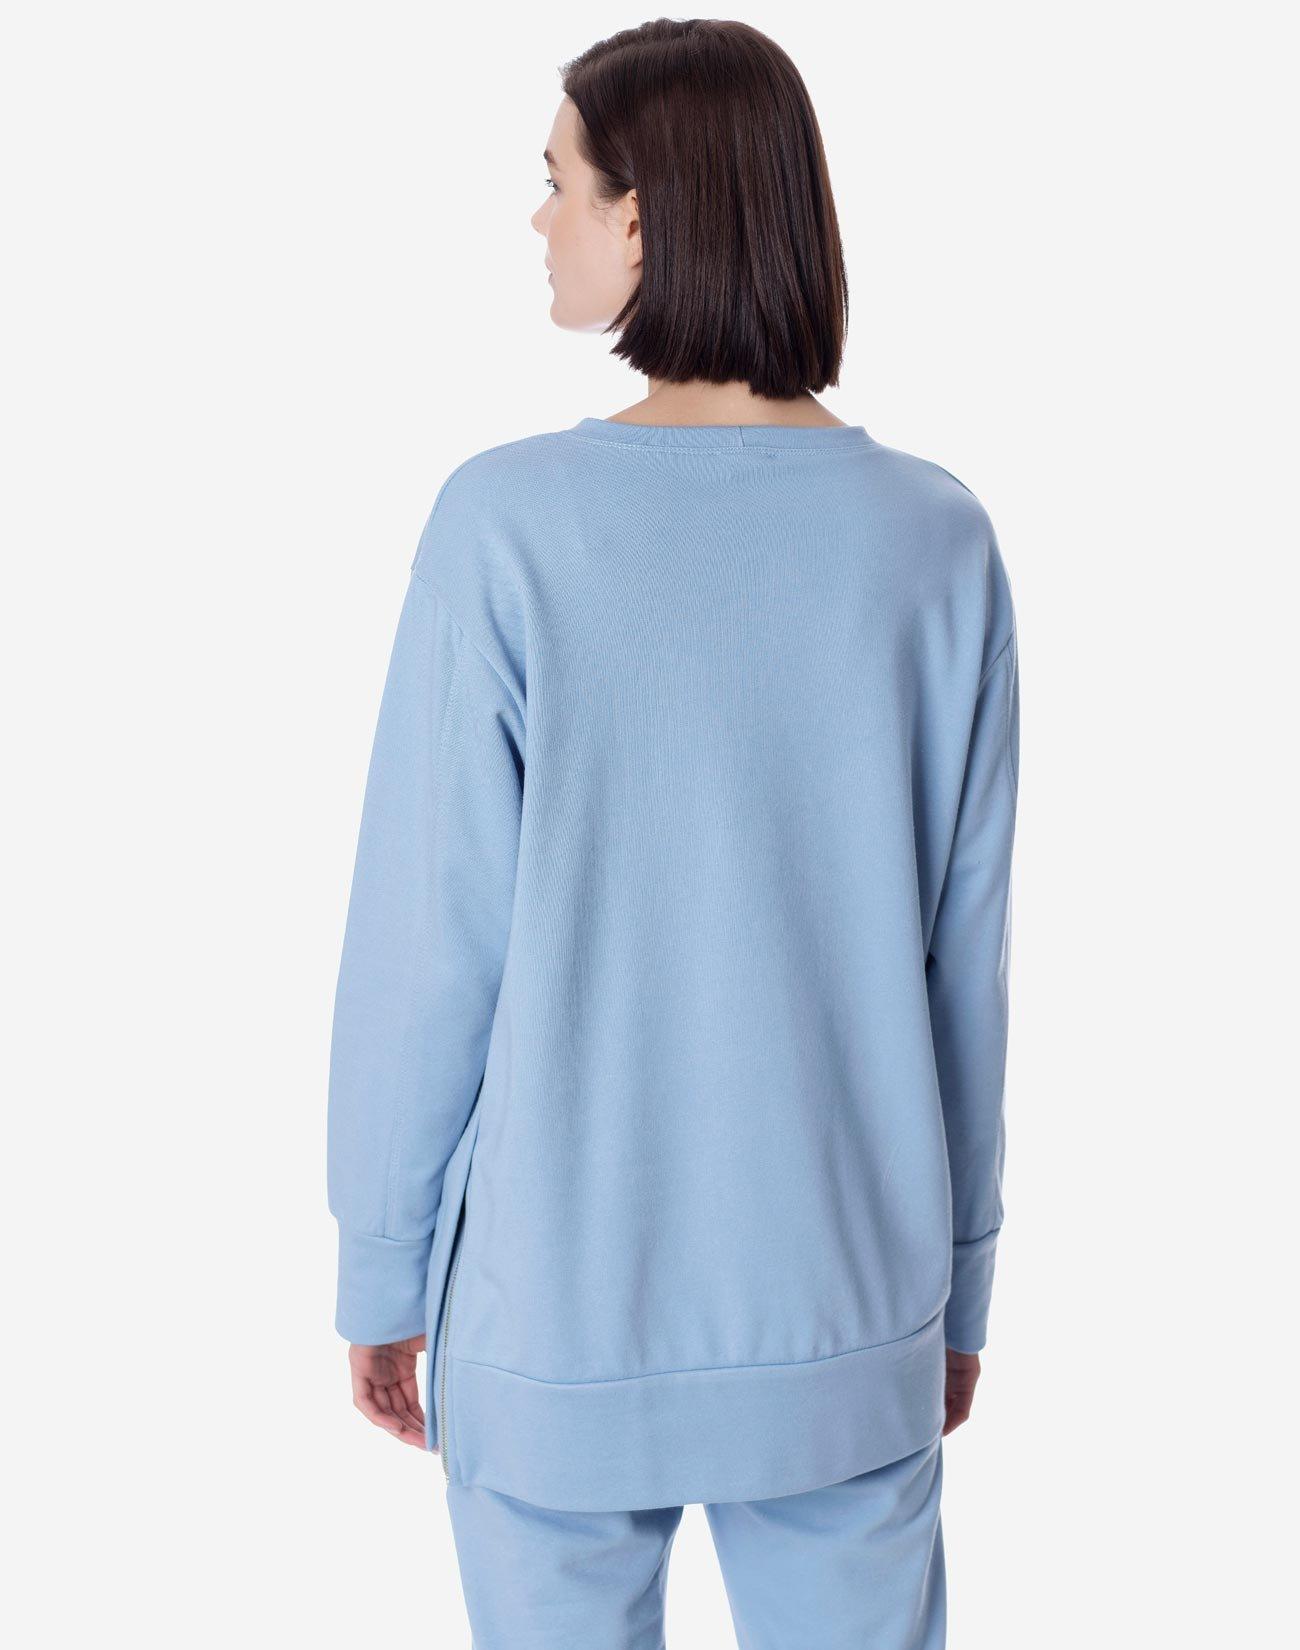 Oversized sweatshirt with zip